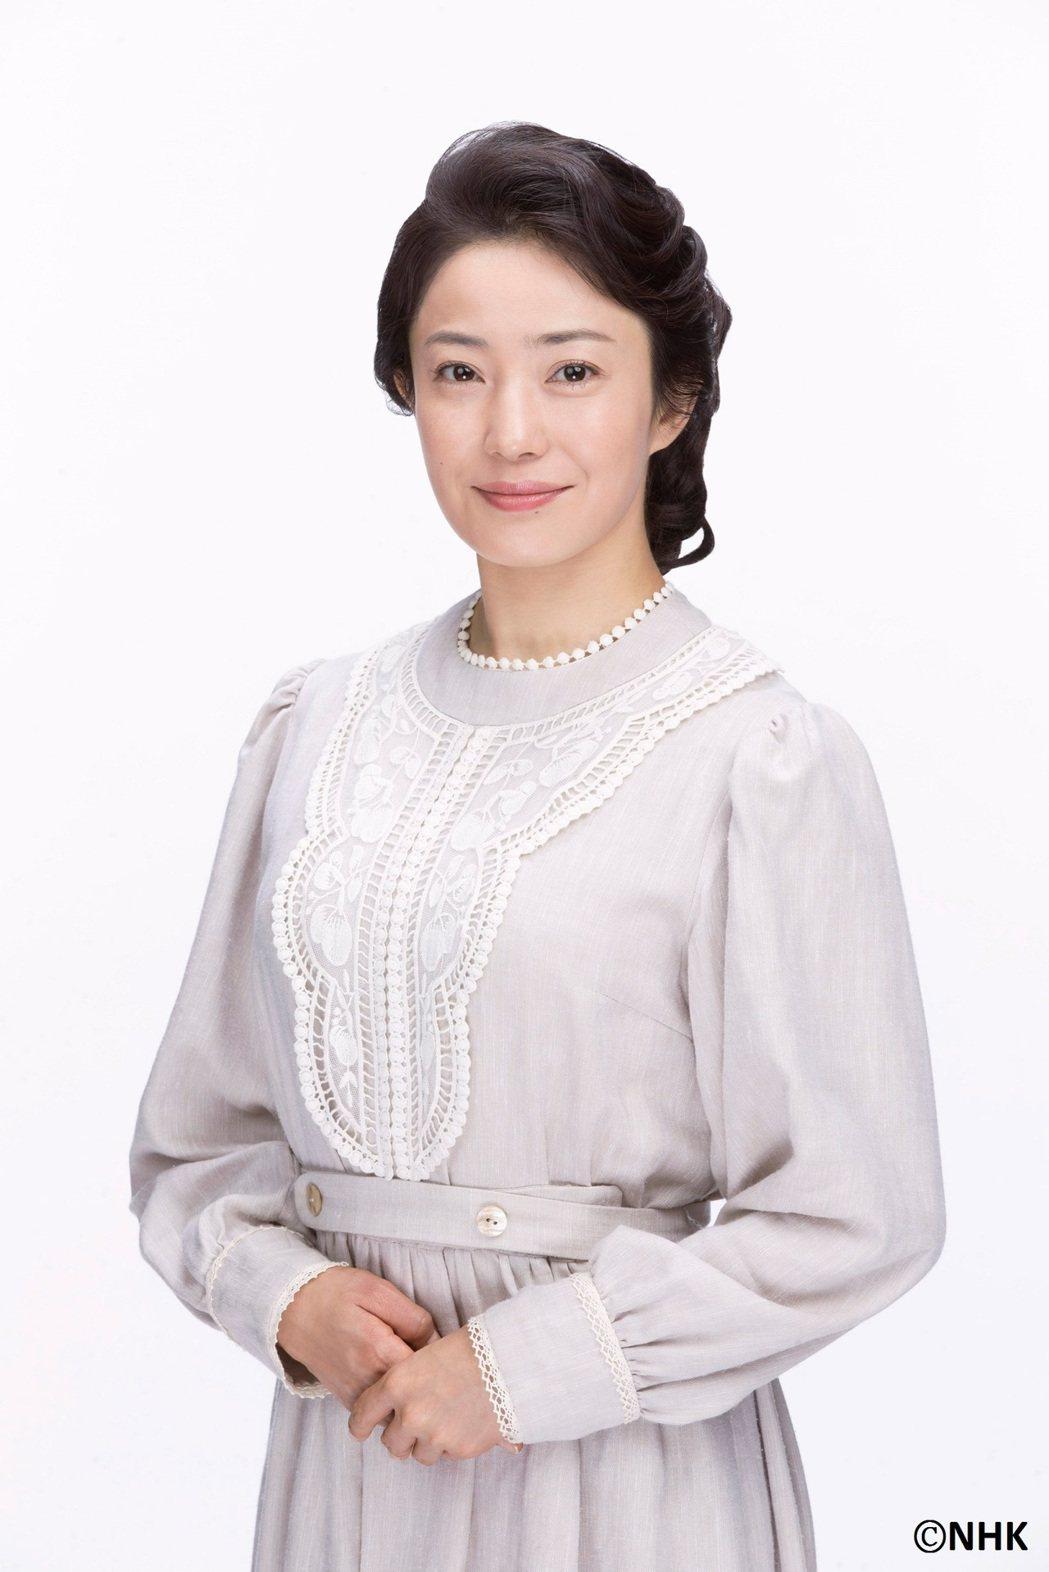 菅野美穗在「童裝小姐」戲中飾演女主角的媽。圖/緯來日本台提供